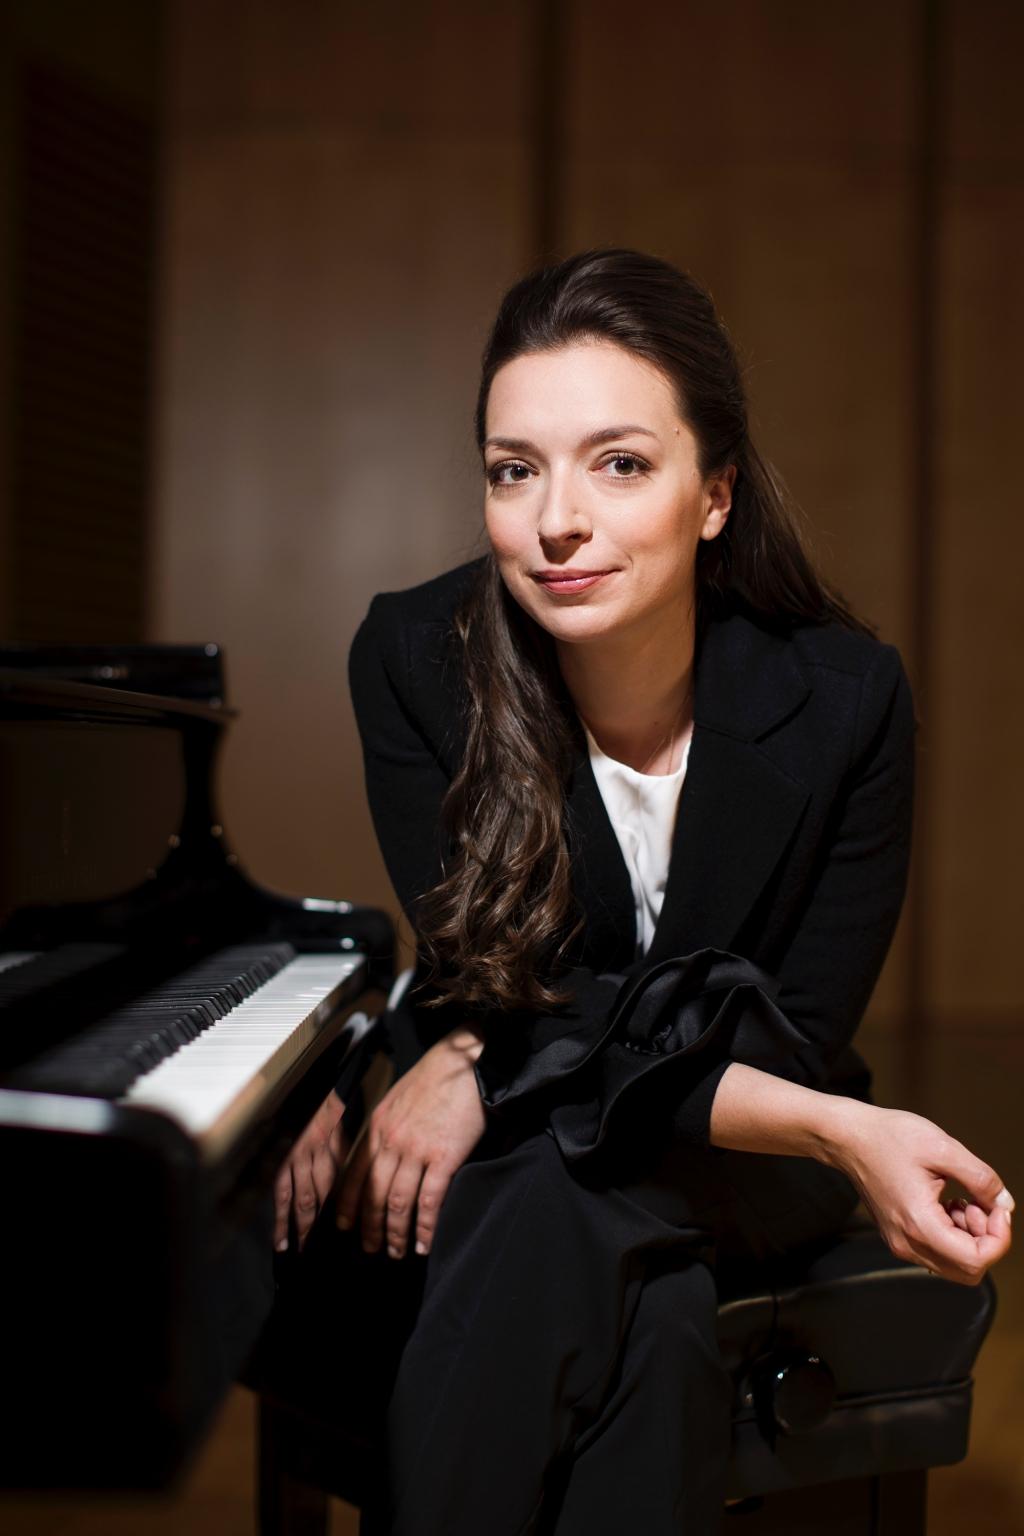 Yulianna Avdeeva C Christine Schneider 0382